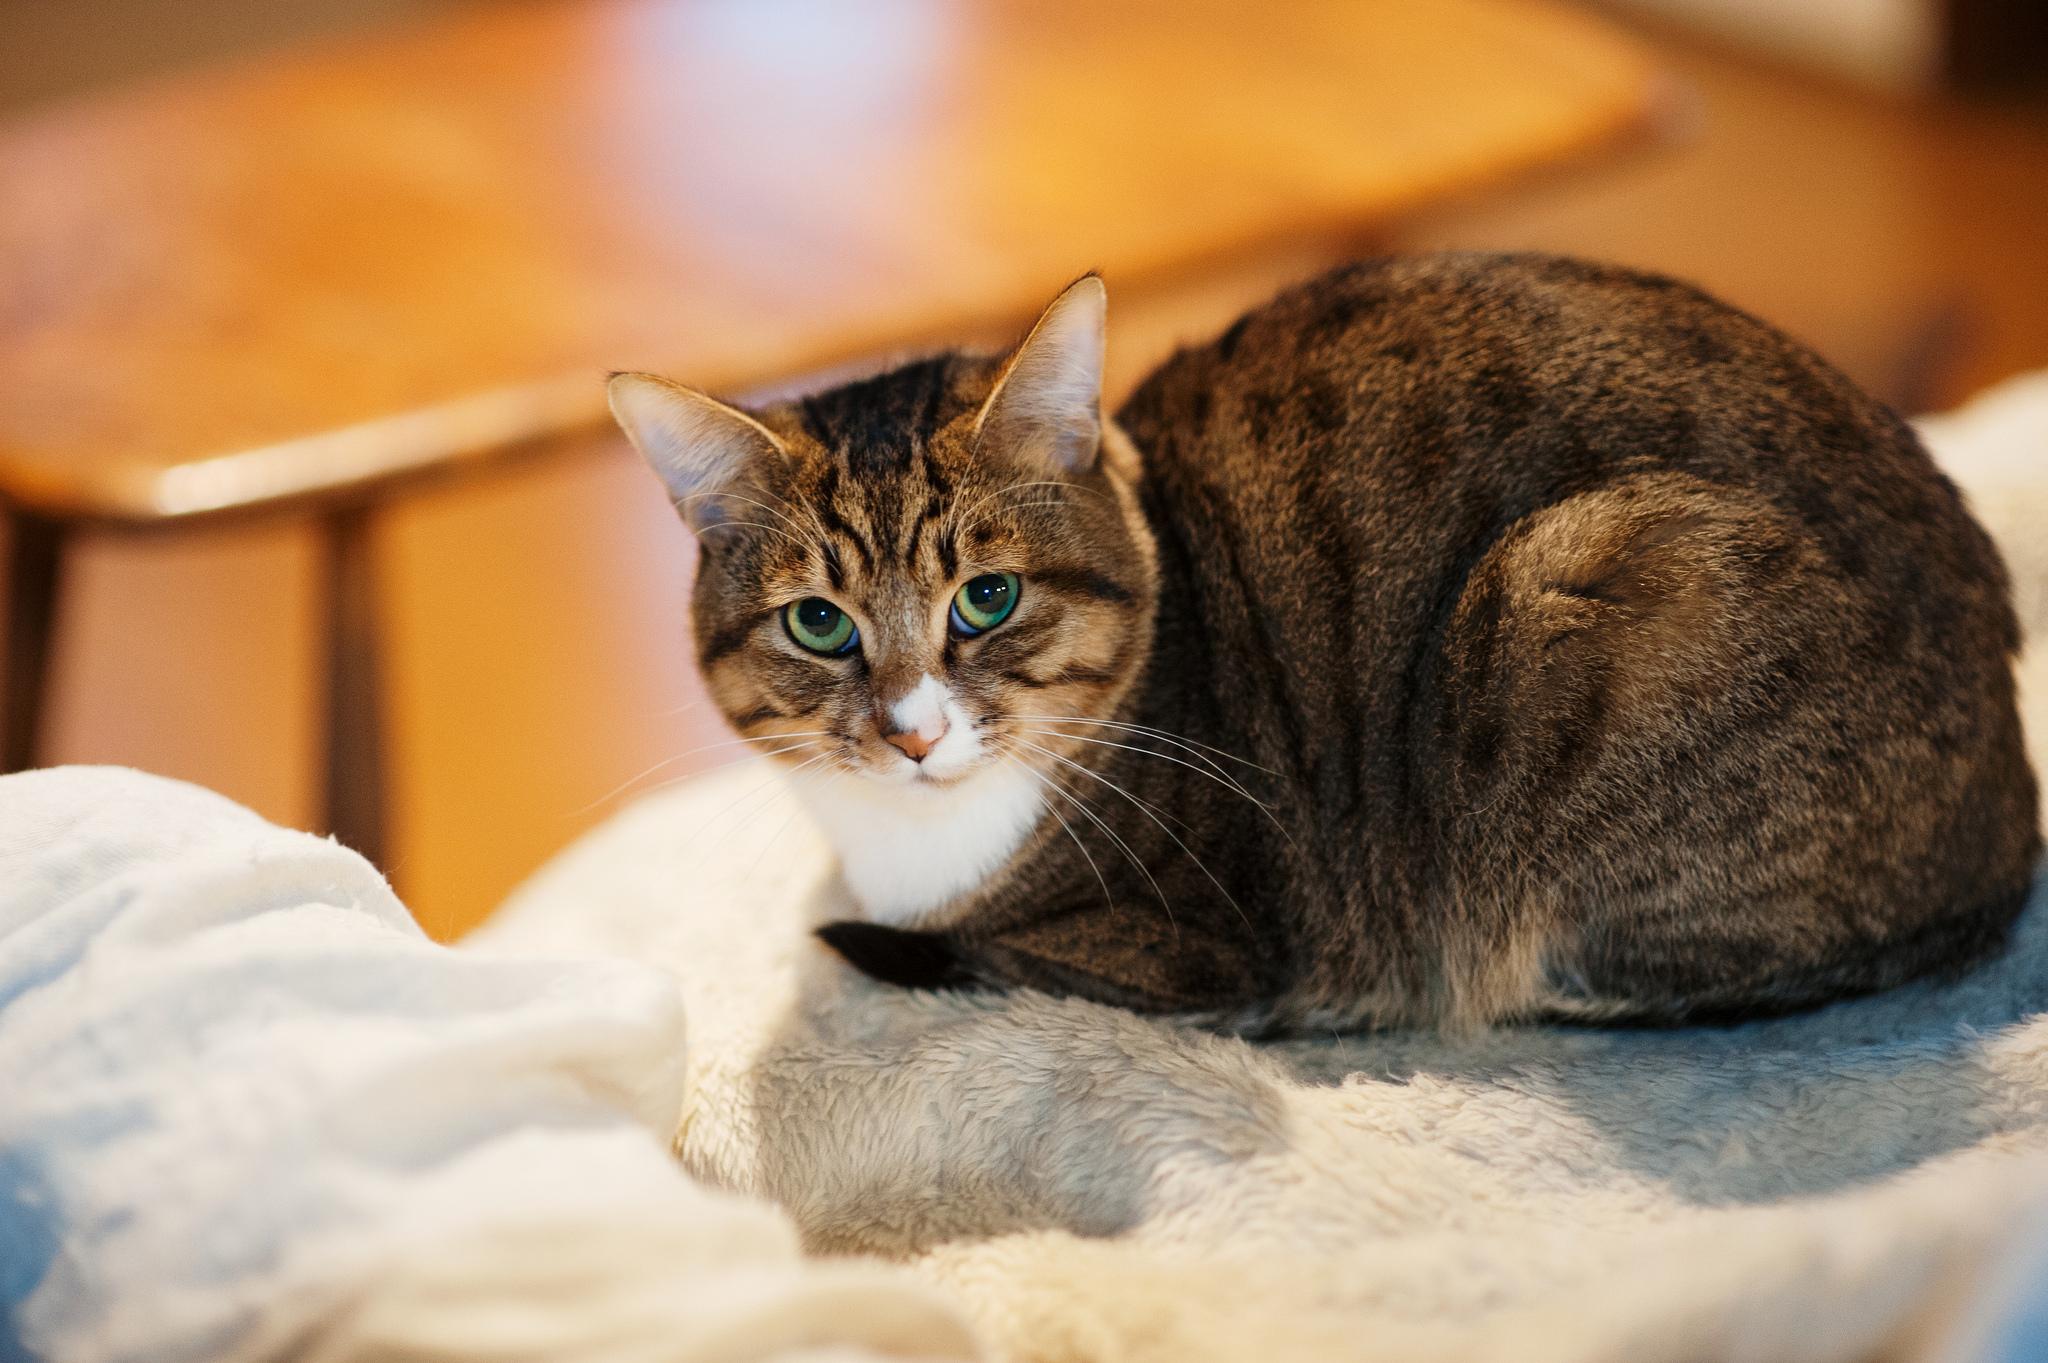 Un gato mirandote - 2048x1363